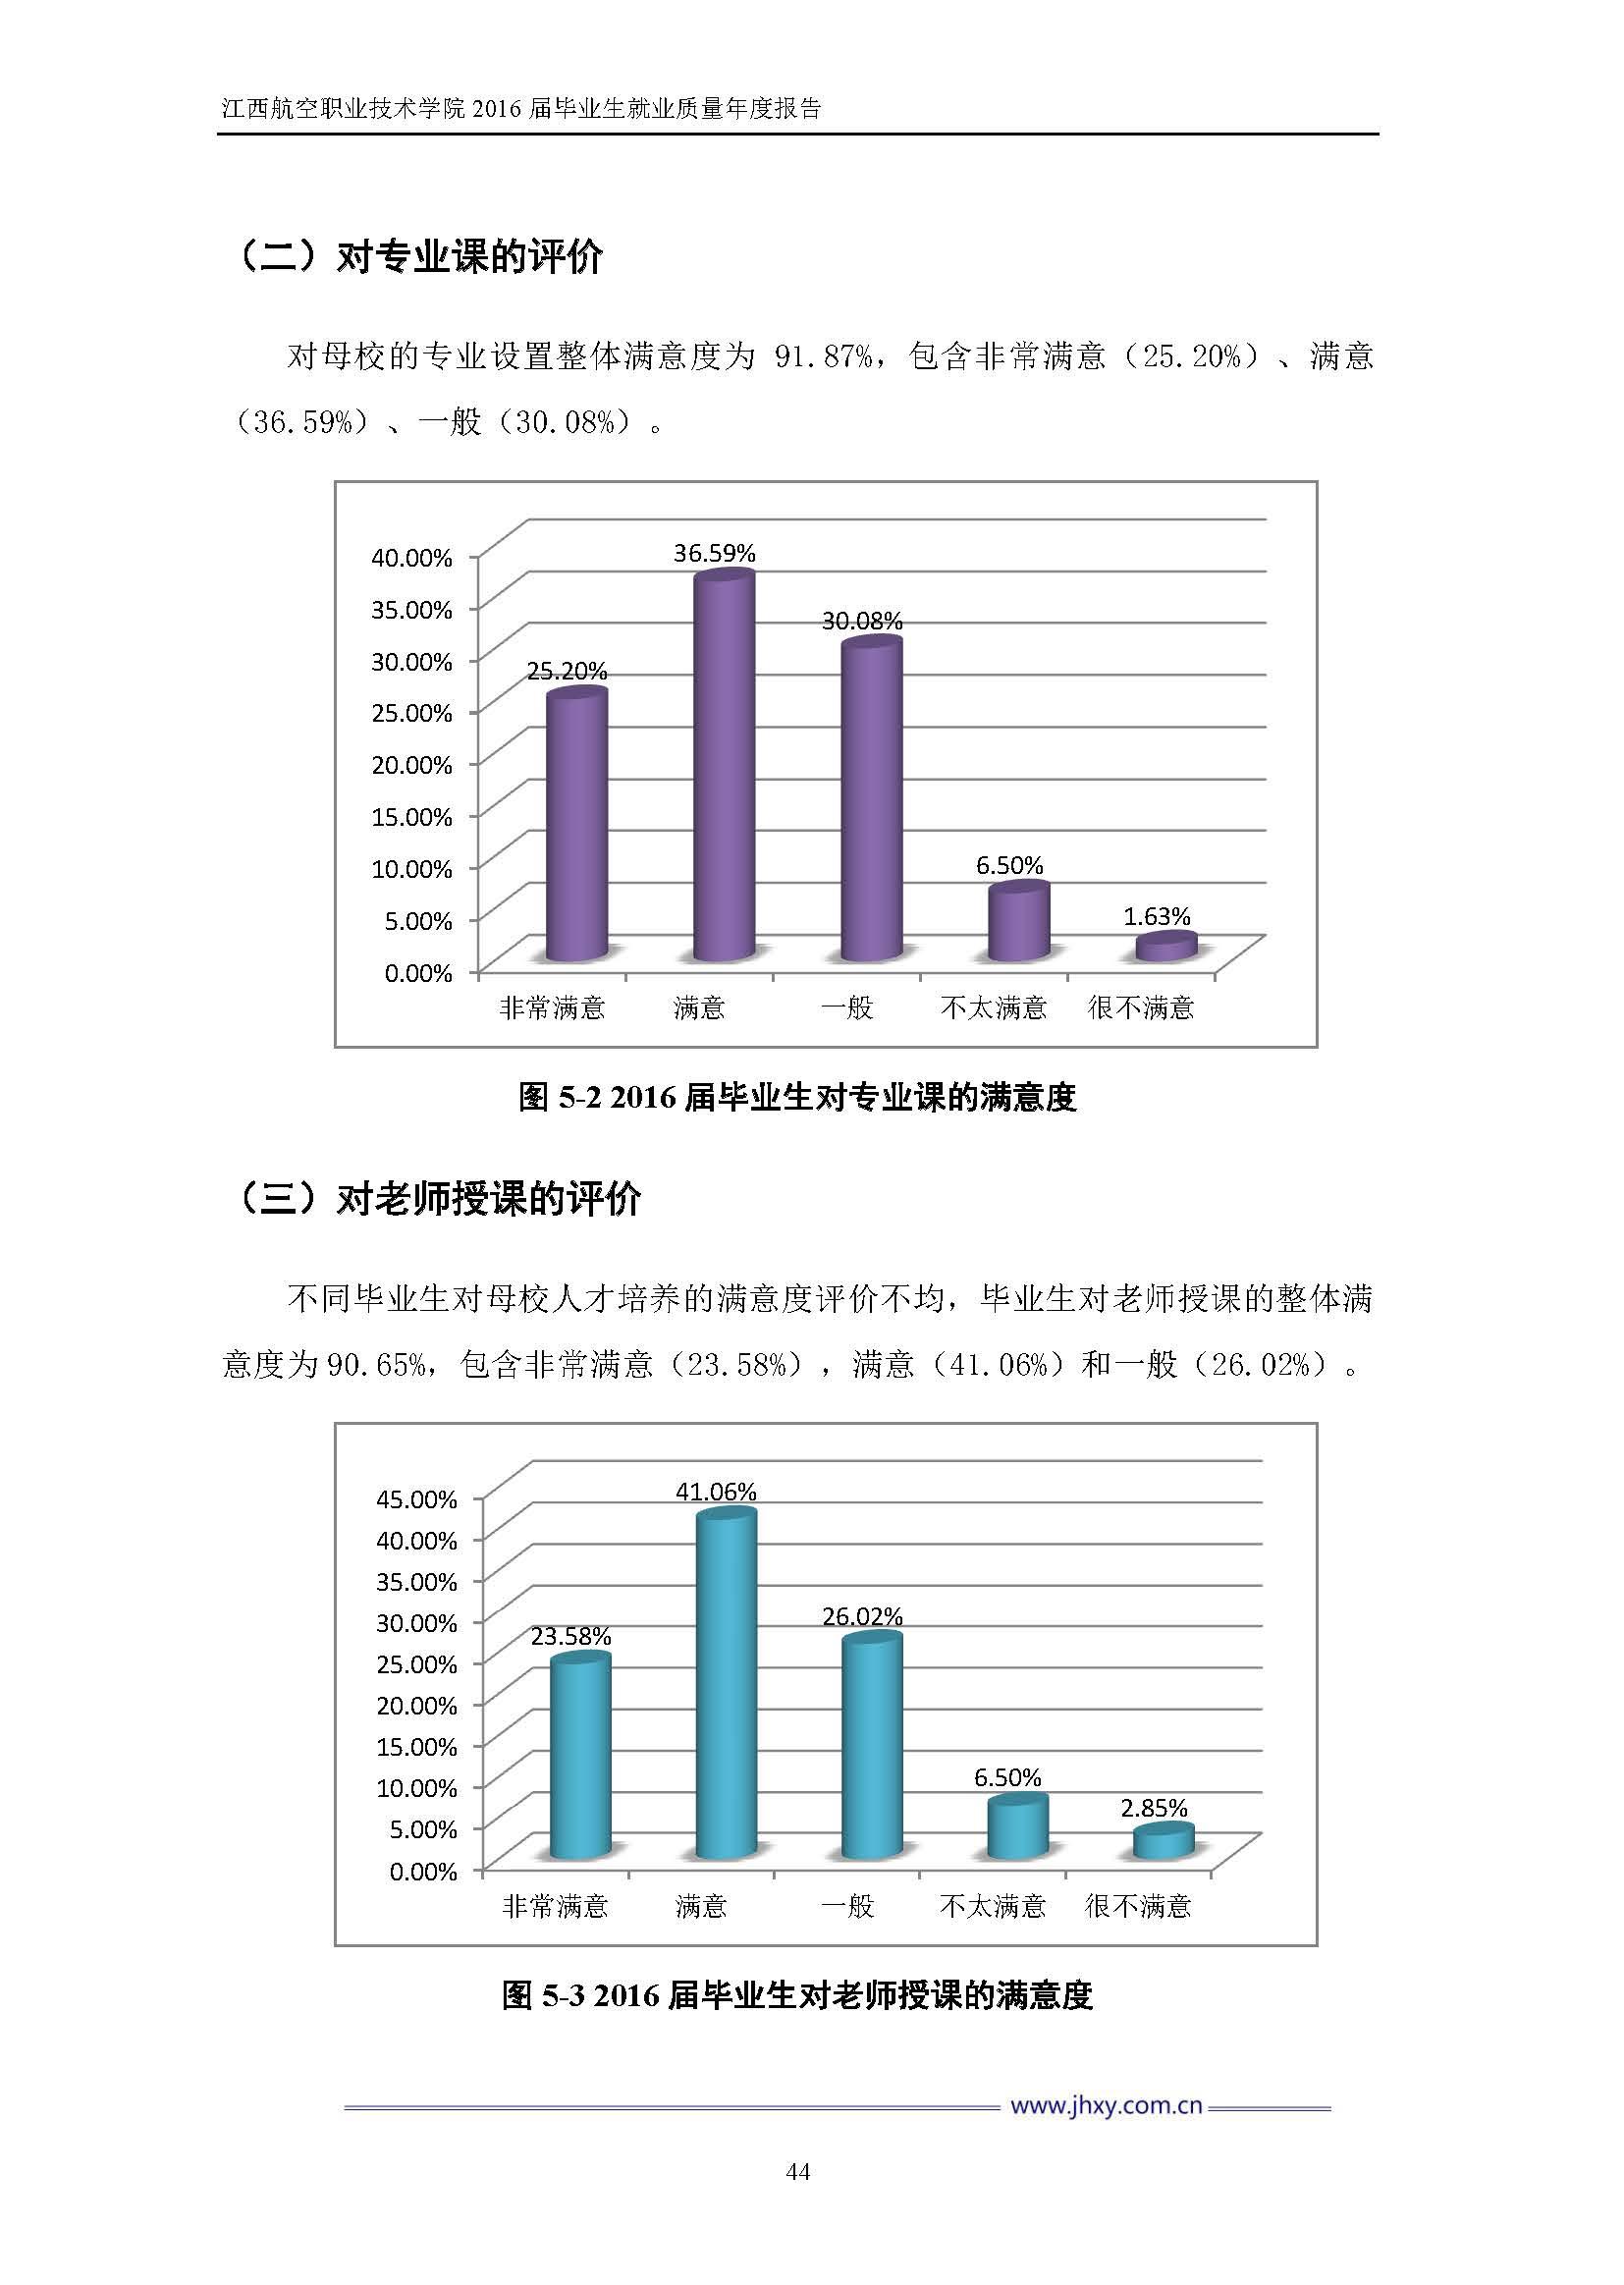 江西航空职业技术学院2016届毕业生就业质量年度报告_Page_51.jpg